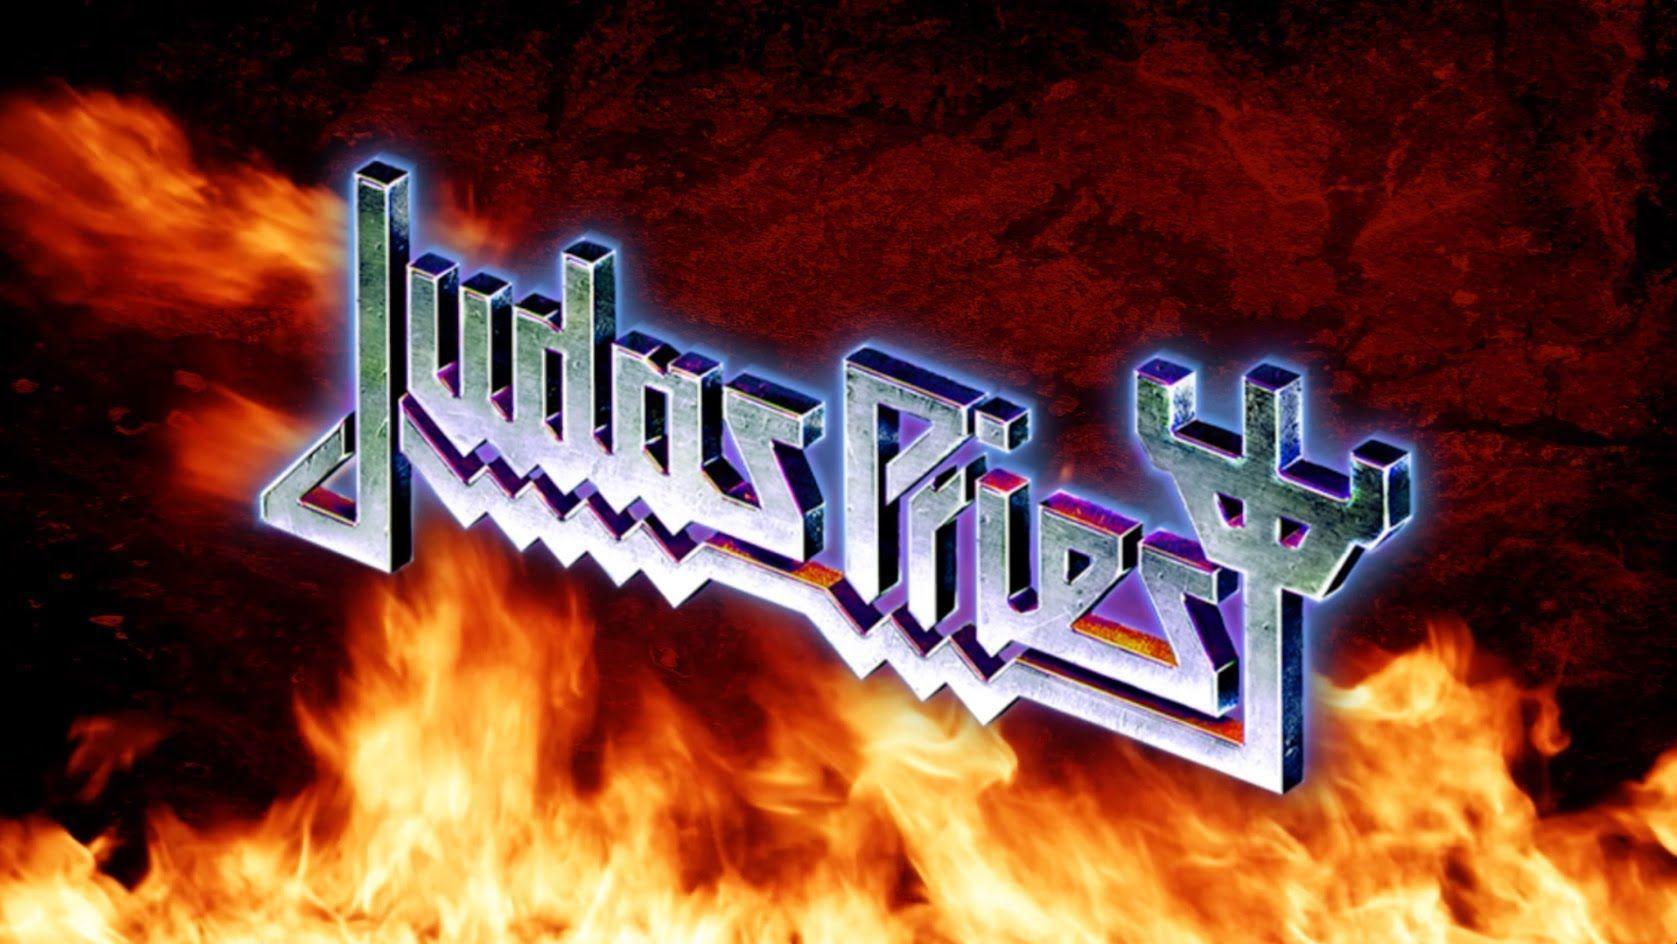 Judas Priest Firepower Wallpaper